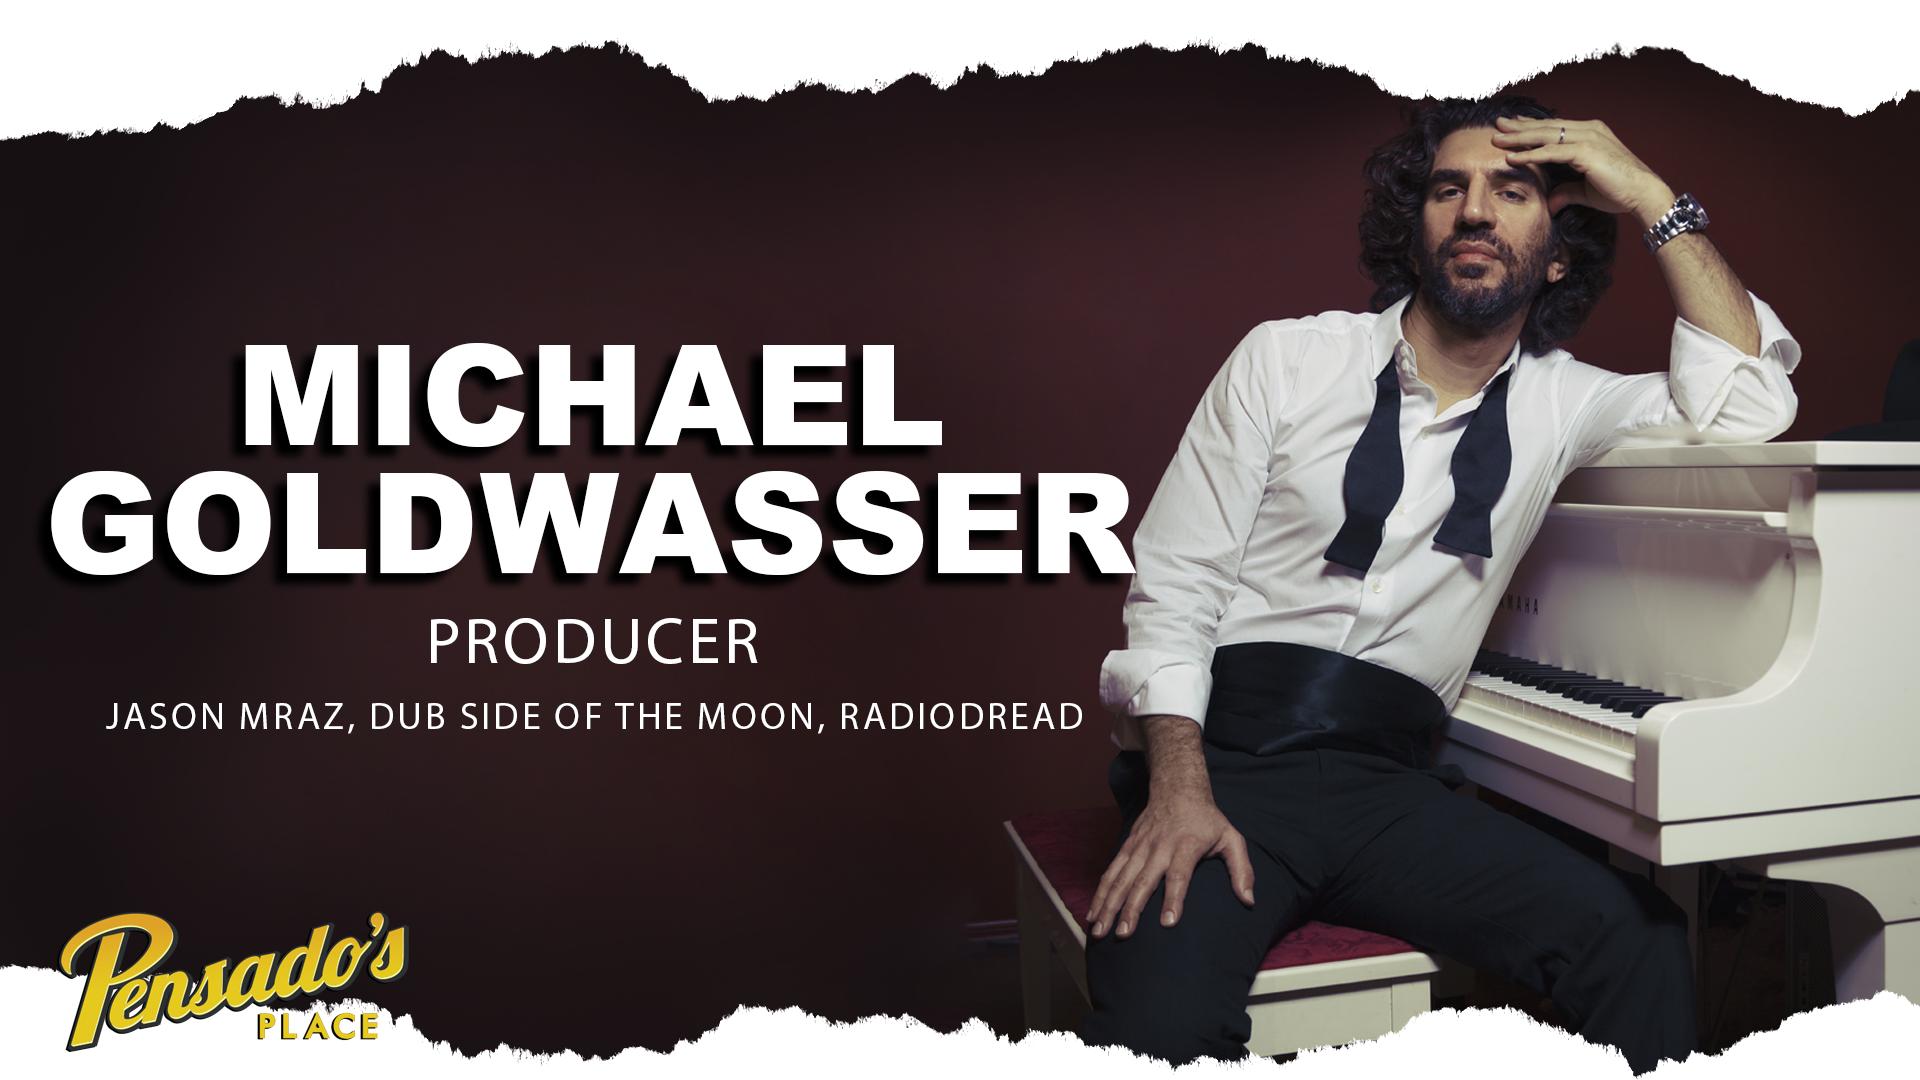 Producer, Michael Goldwasser